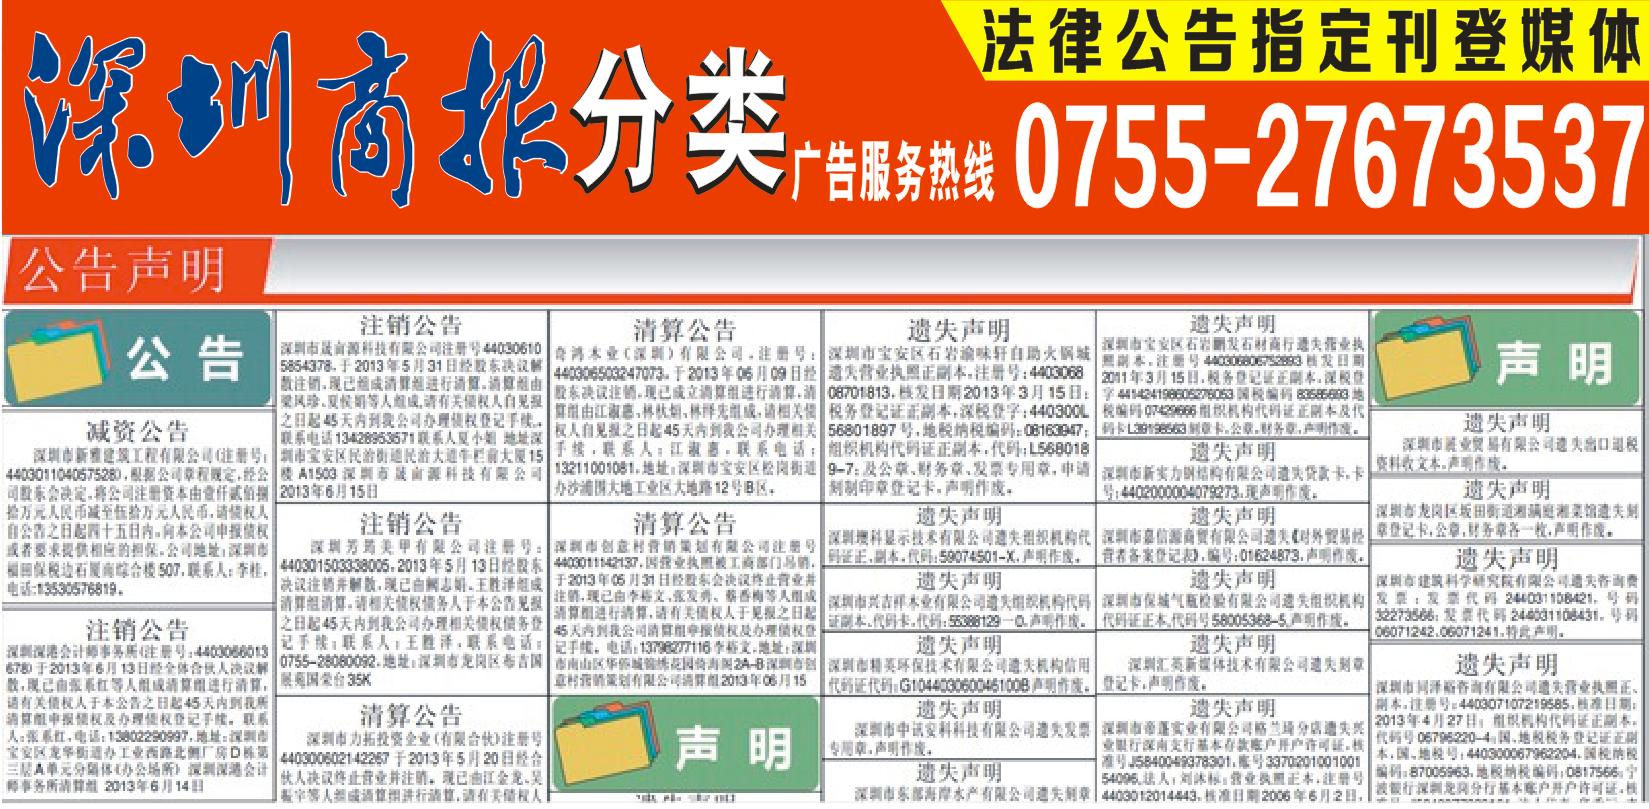 深圳商报登报电话|深圳商报登报多少钱